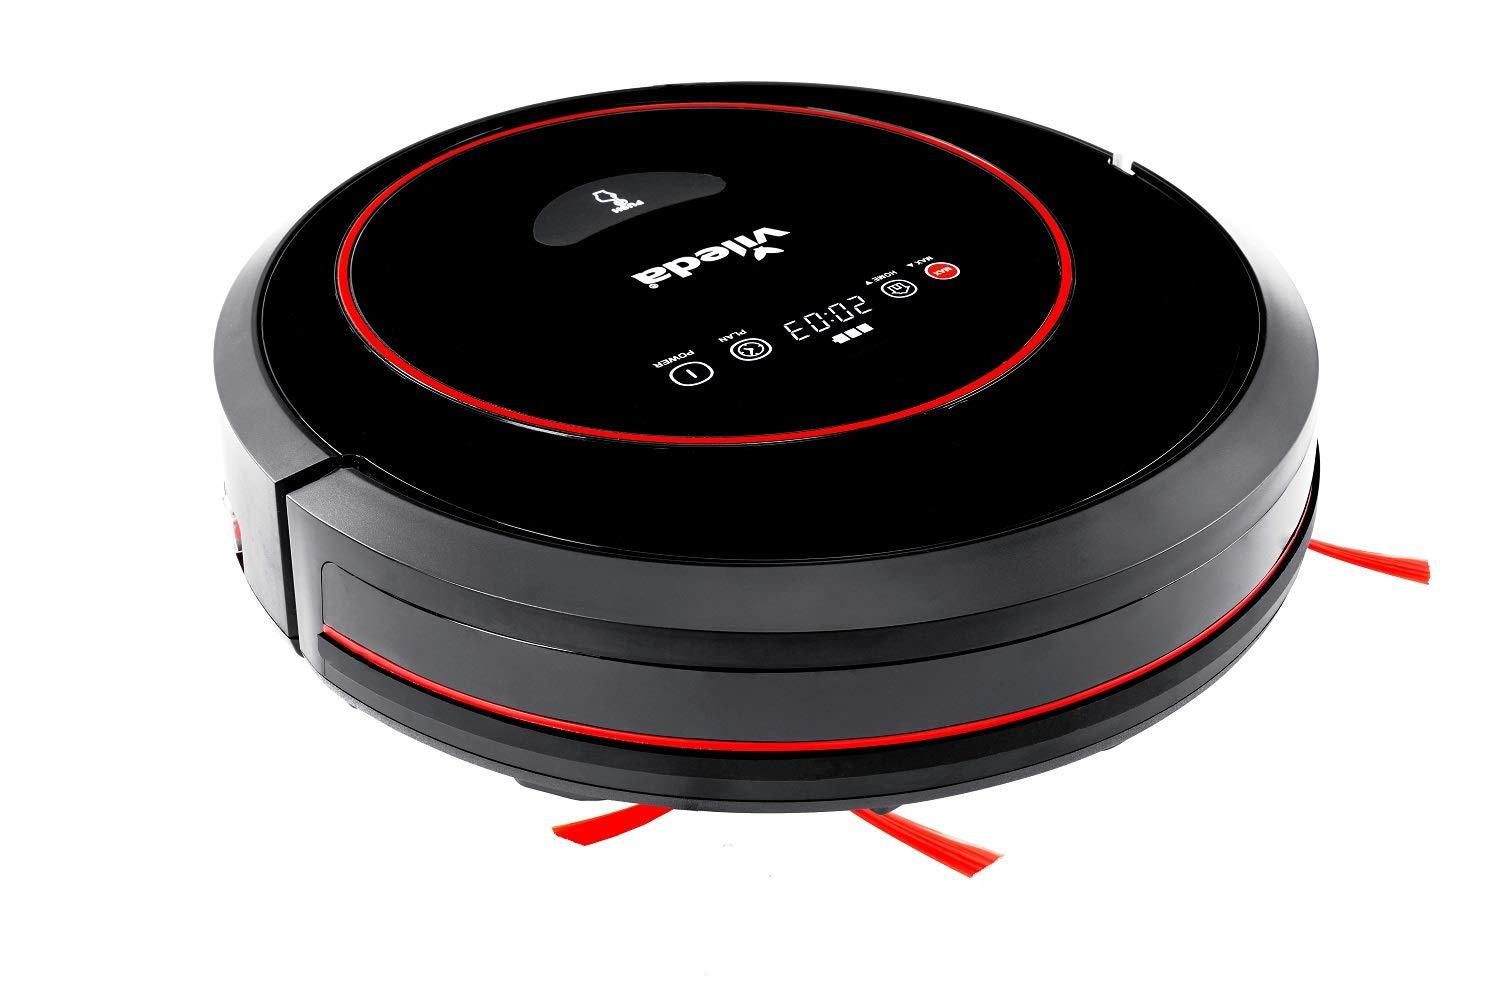 Vileda VR 302 - Robot aspirador autónomo para la limpieza eficaz de suelos y alfombras, aspiradora robótica con función programable y de autocarga, oble filtro y elevada potencia de succión, negro